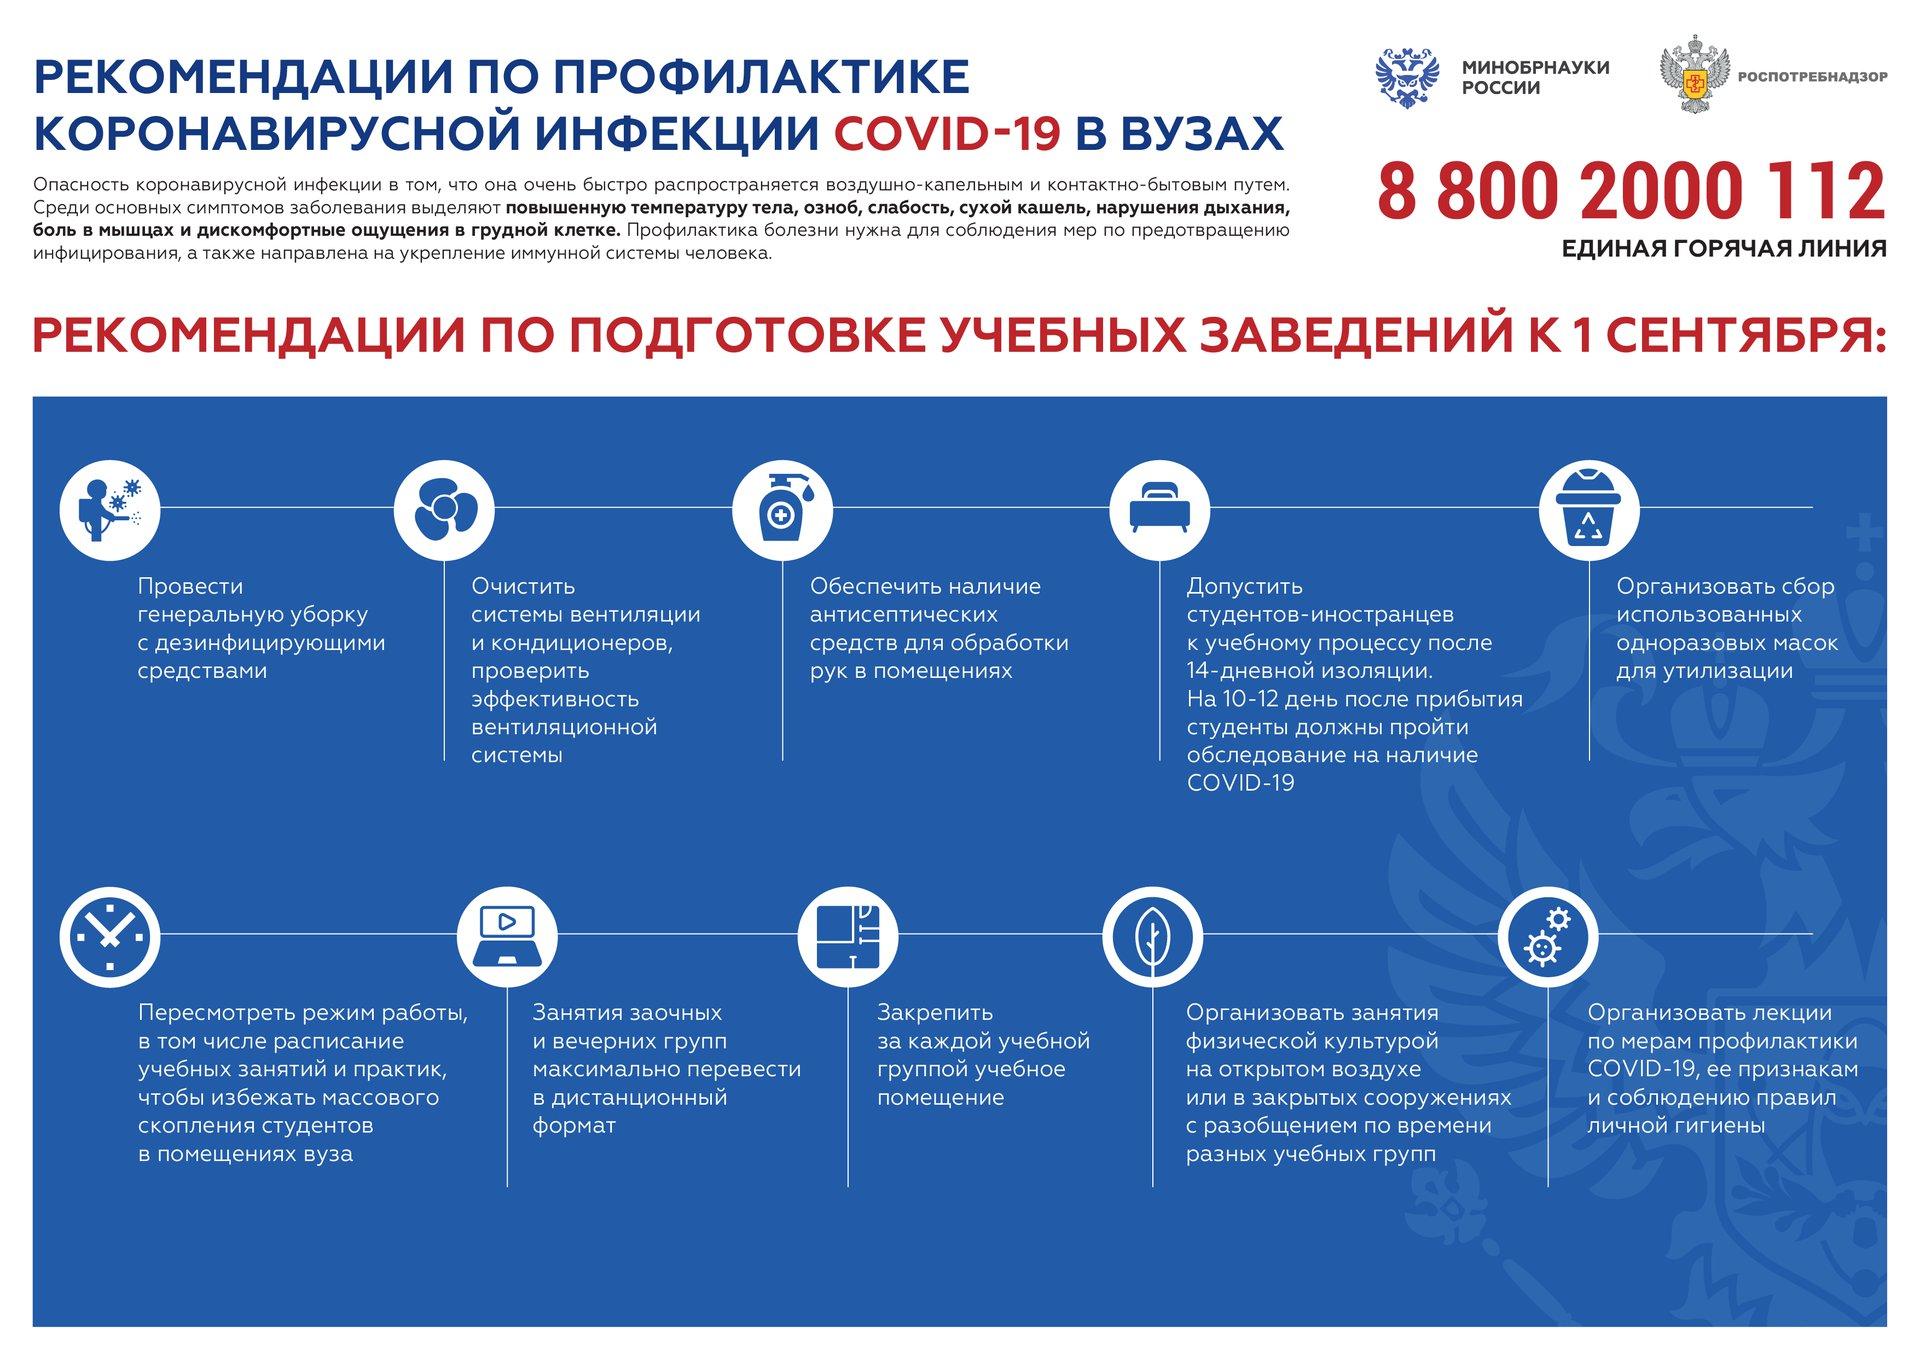 Рекомендации Роспотребнадзора и Минобрнауки России по профилактике COVID-19